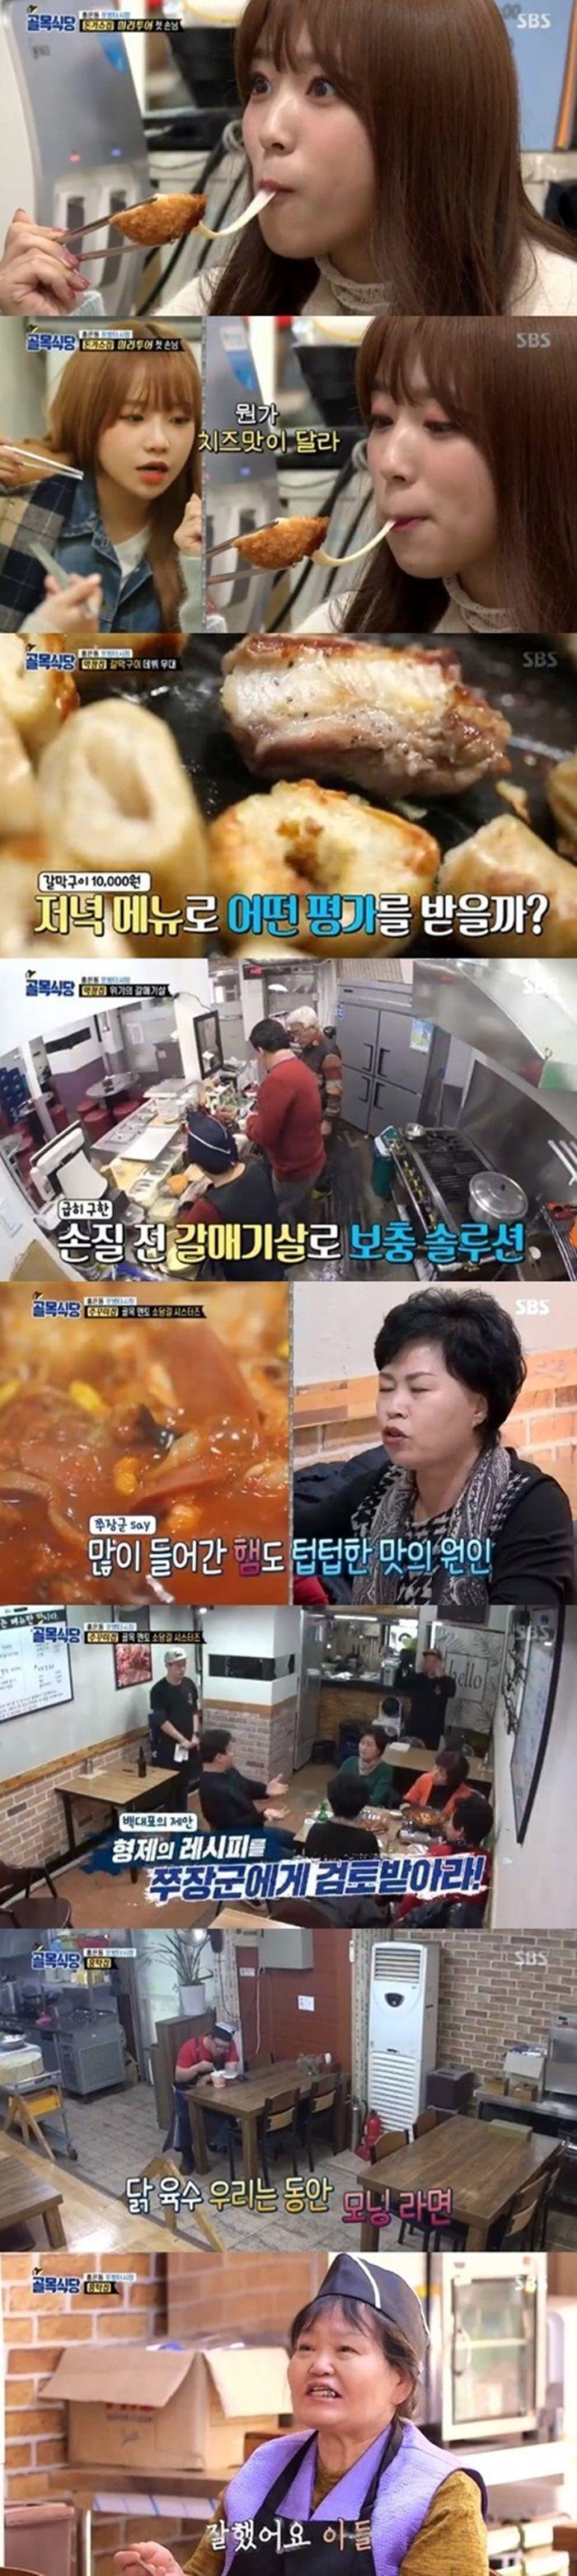 '백종원의 골목식당'이 2주 연속 '자체 최고 시청률'을 경신했다. 사진=SBS 제공